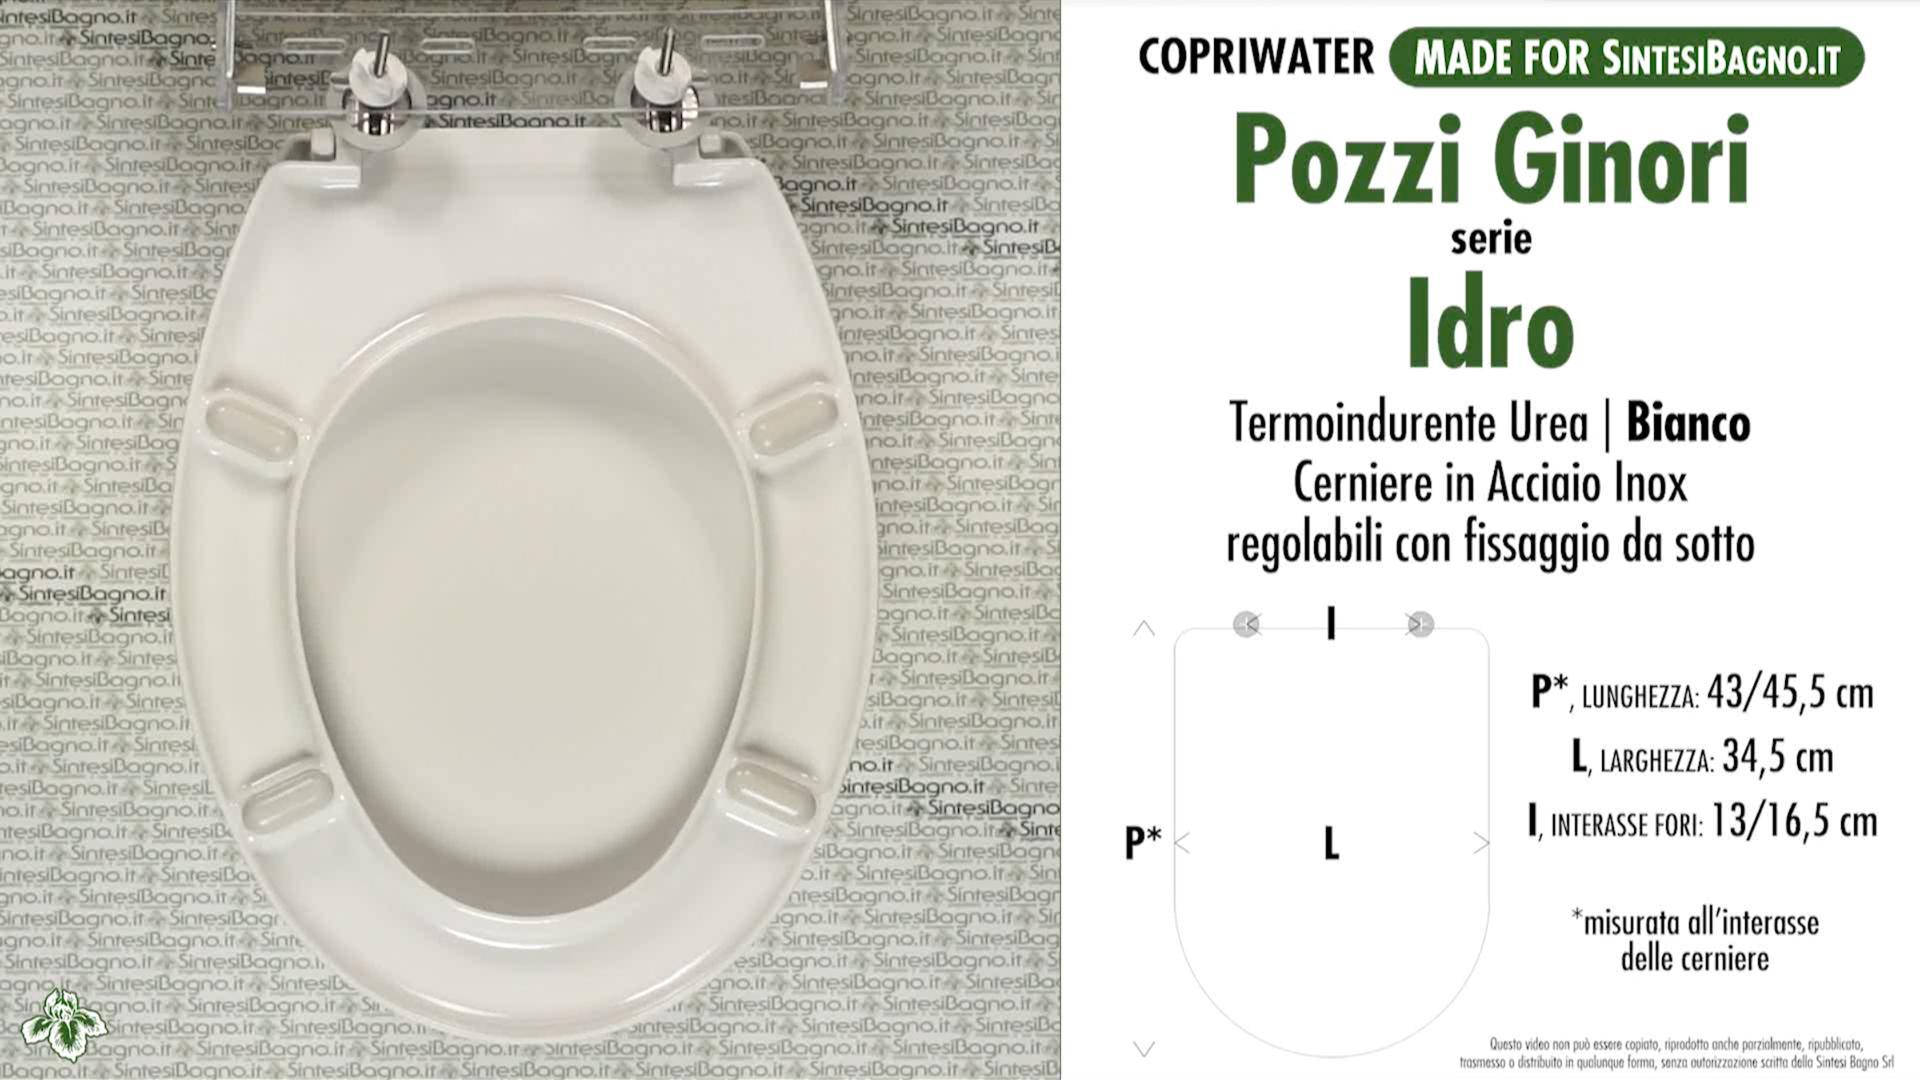 Schede tecniche Pozzi Ginori IDRO